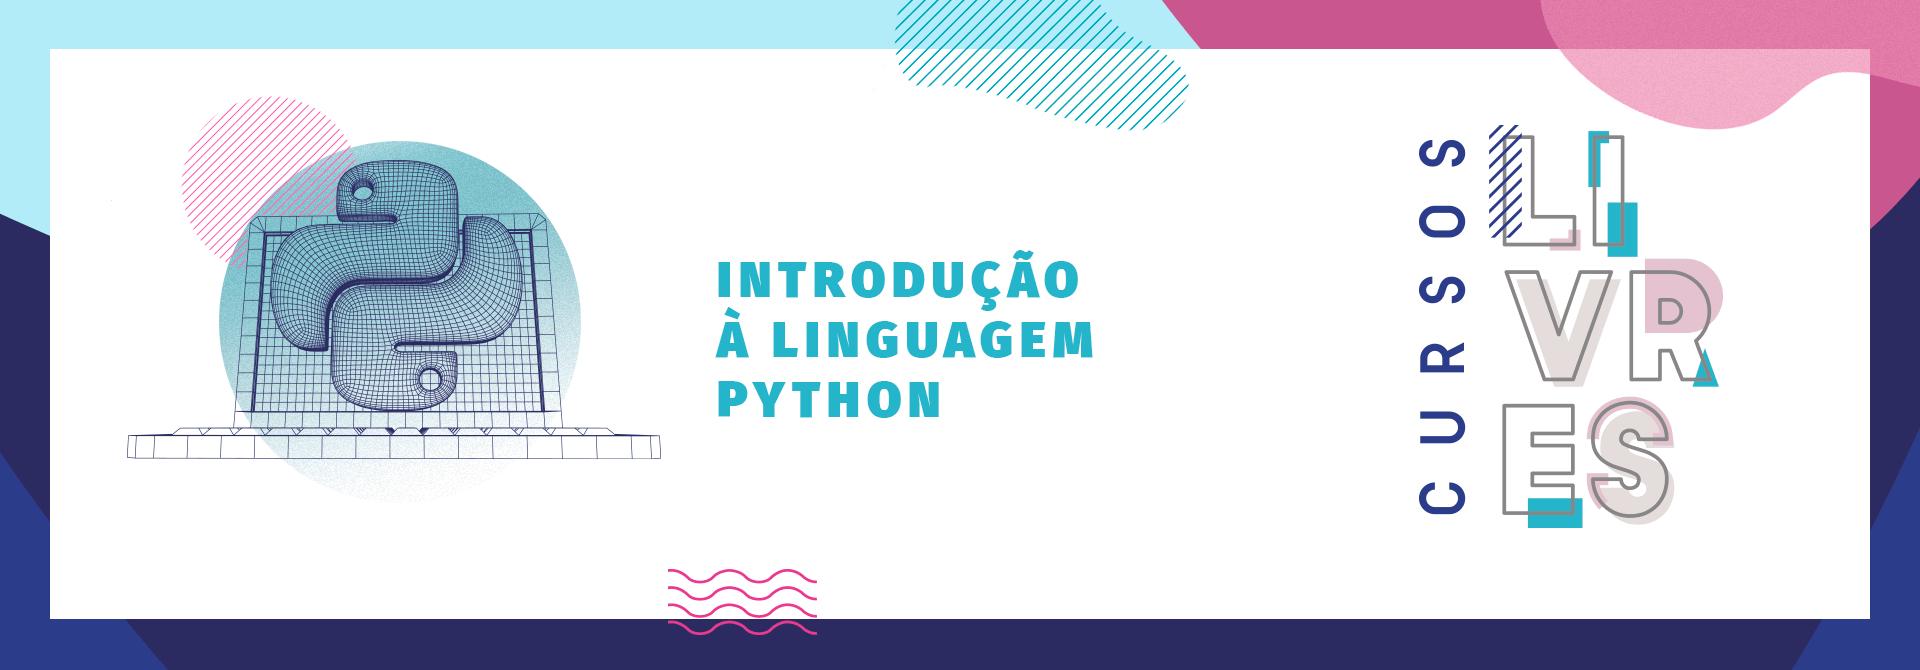 Inscreva-se no Cursos Livre de Linguagem Python da UVV